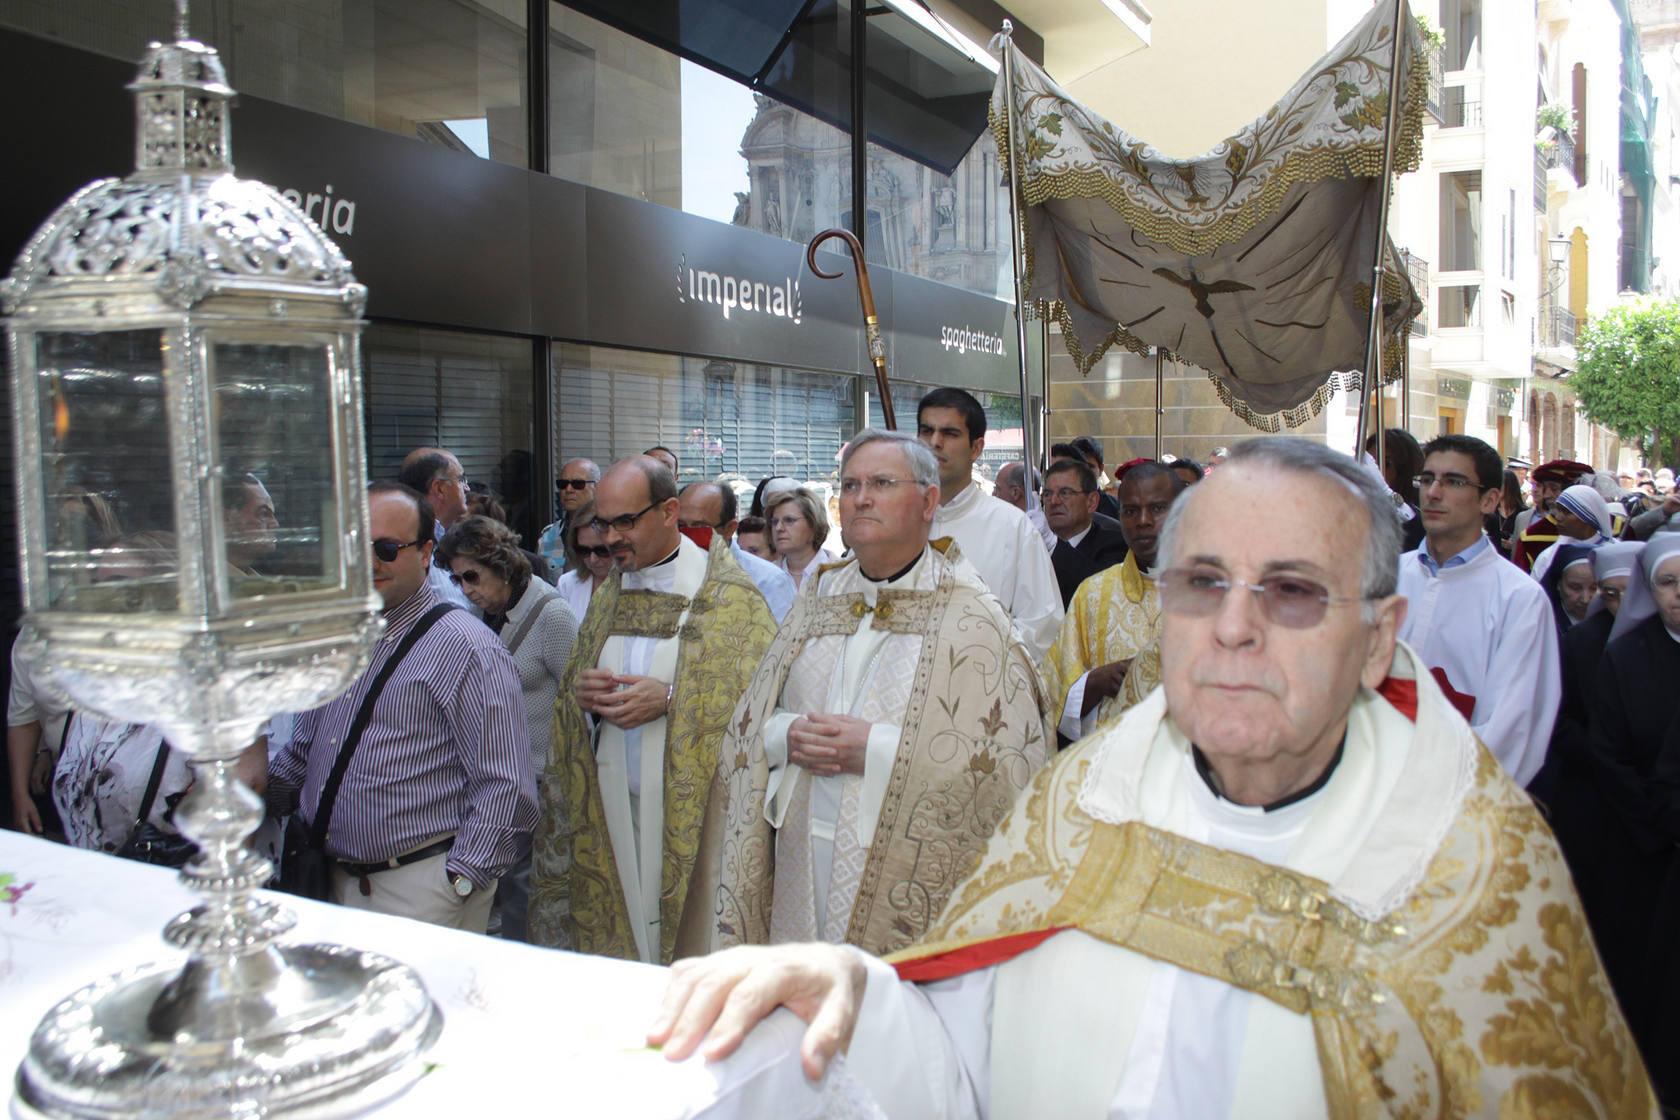 La procesión del Corpus recorre las calles de Murcia